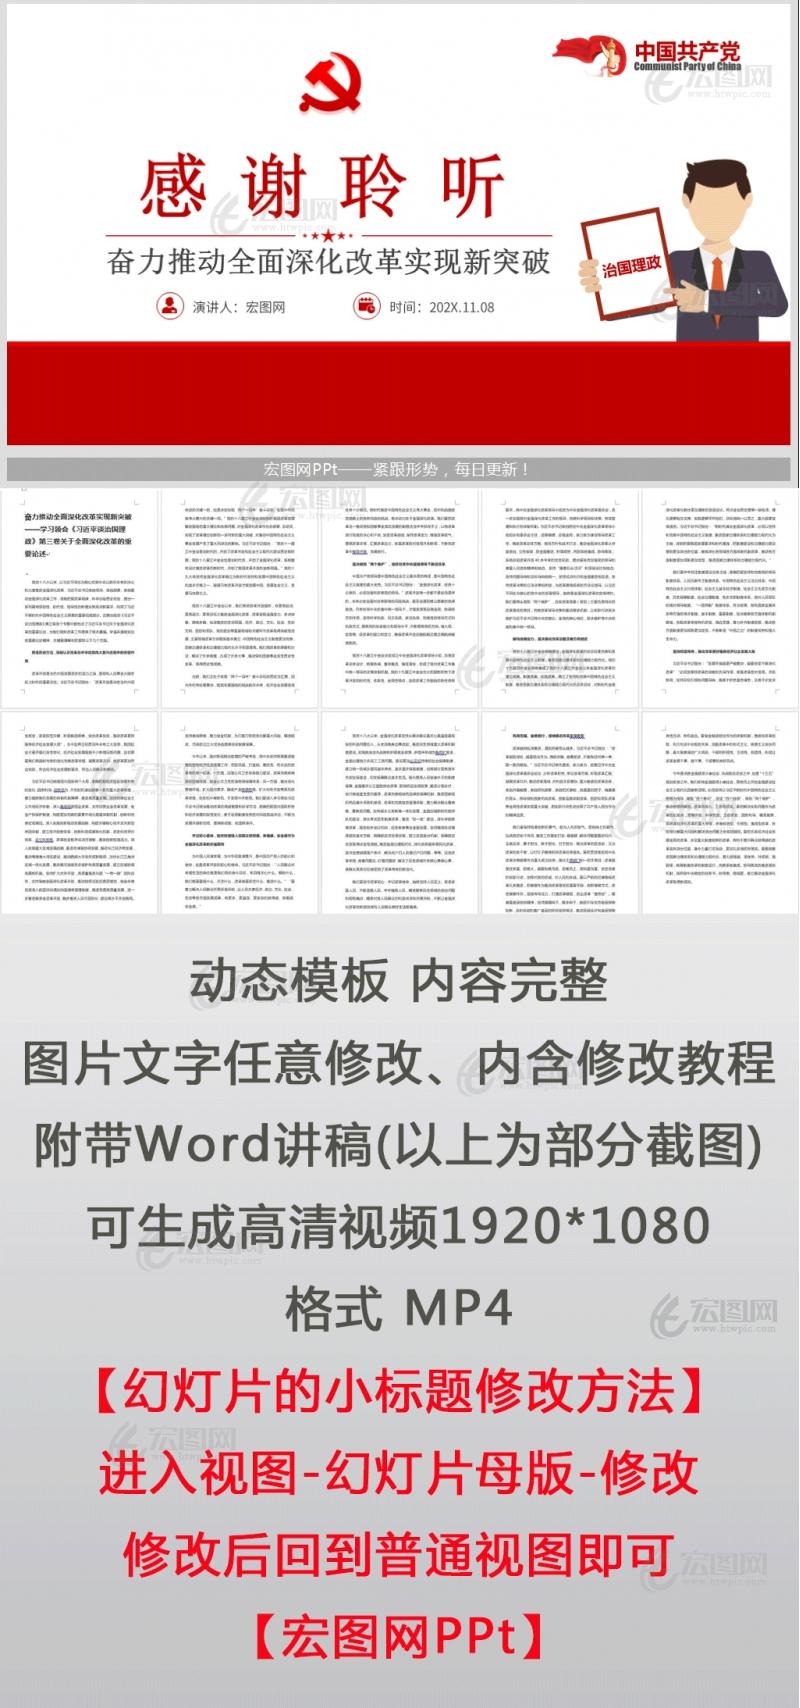 《治国理政》第三卷奋力推动全面深化改革实现新突破PPT